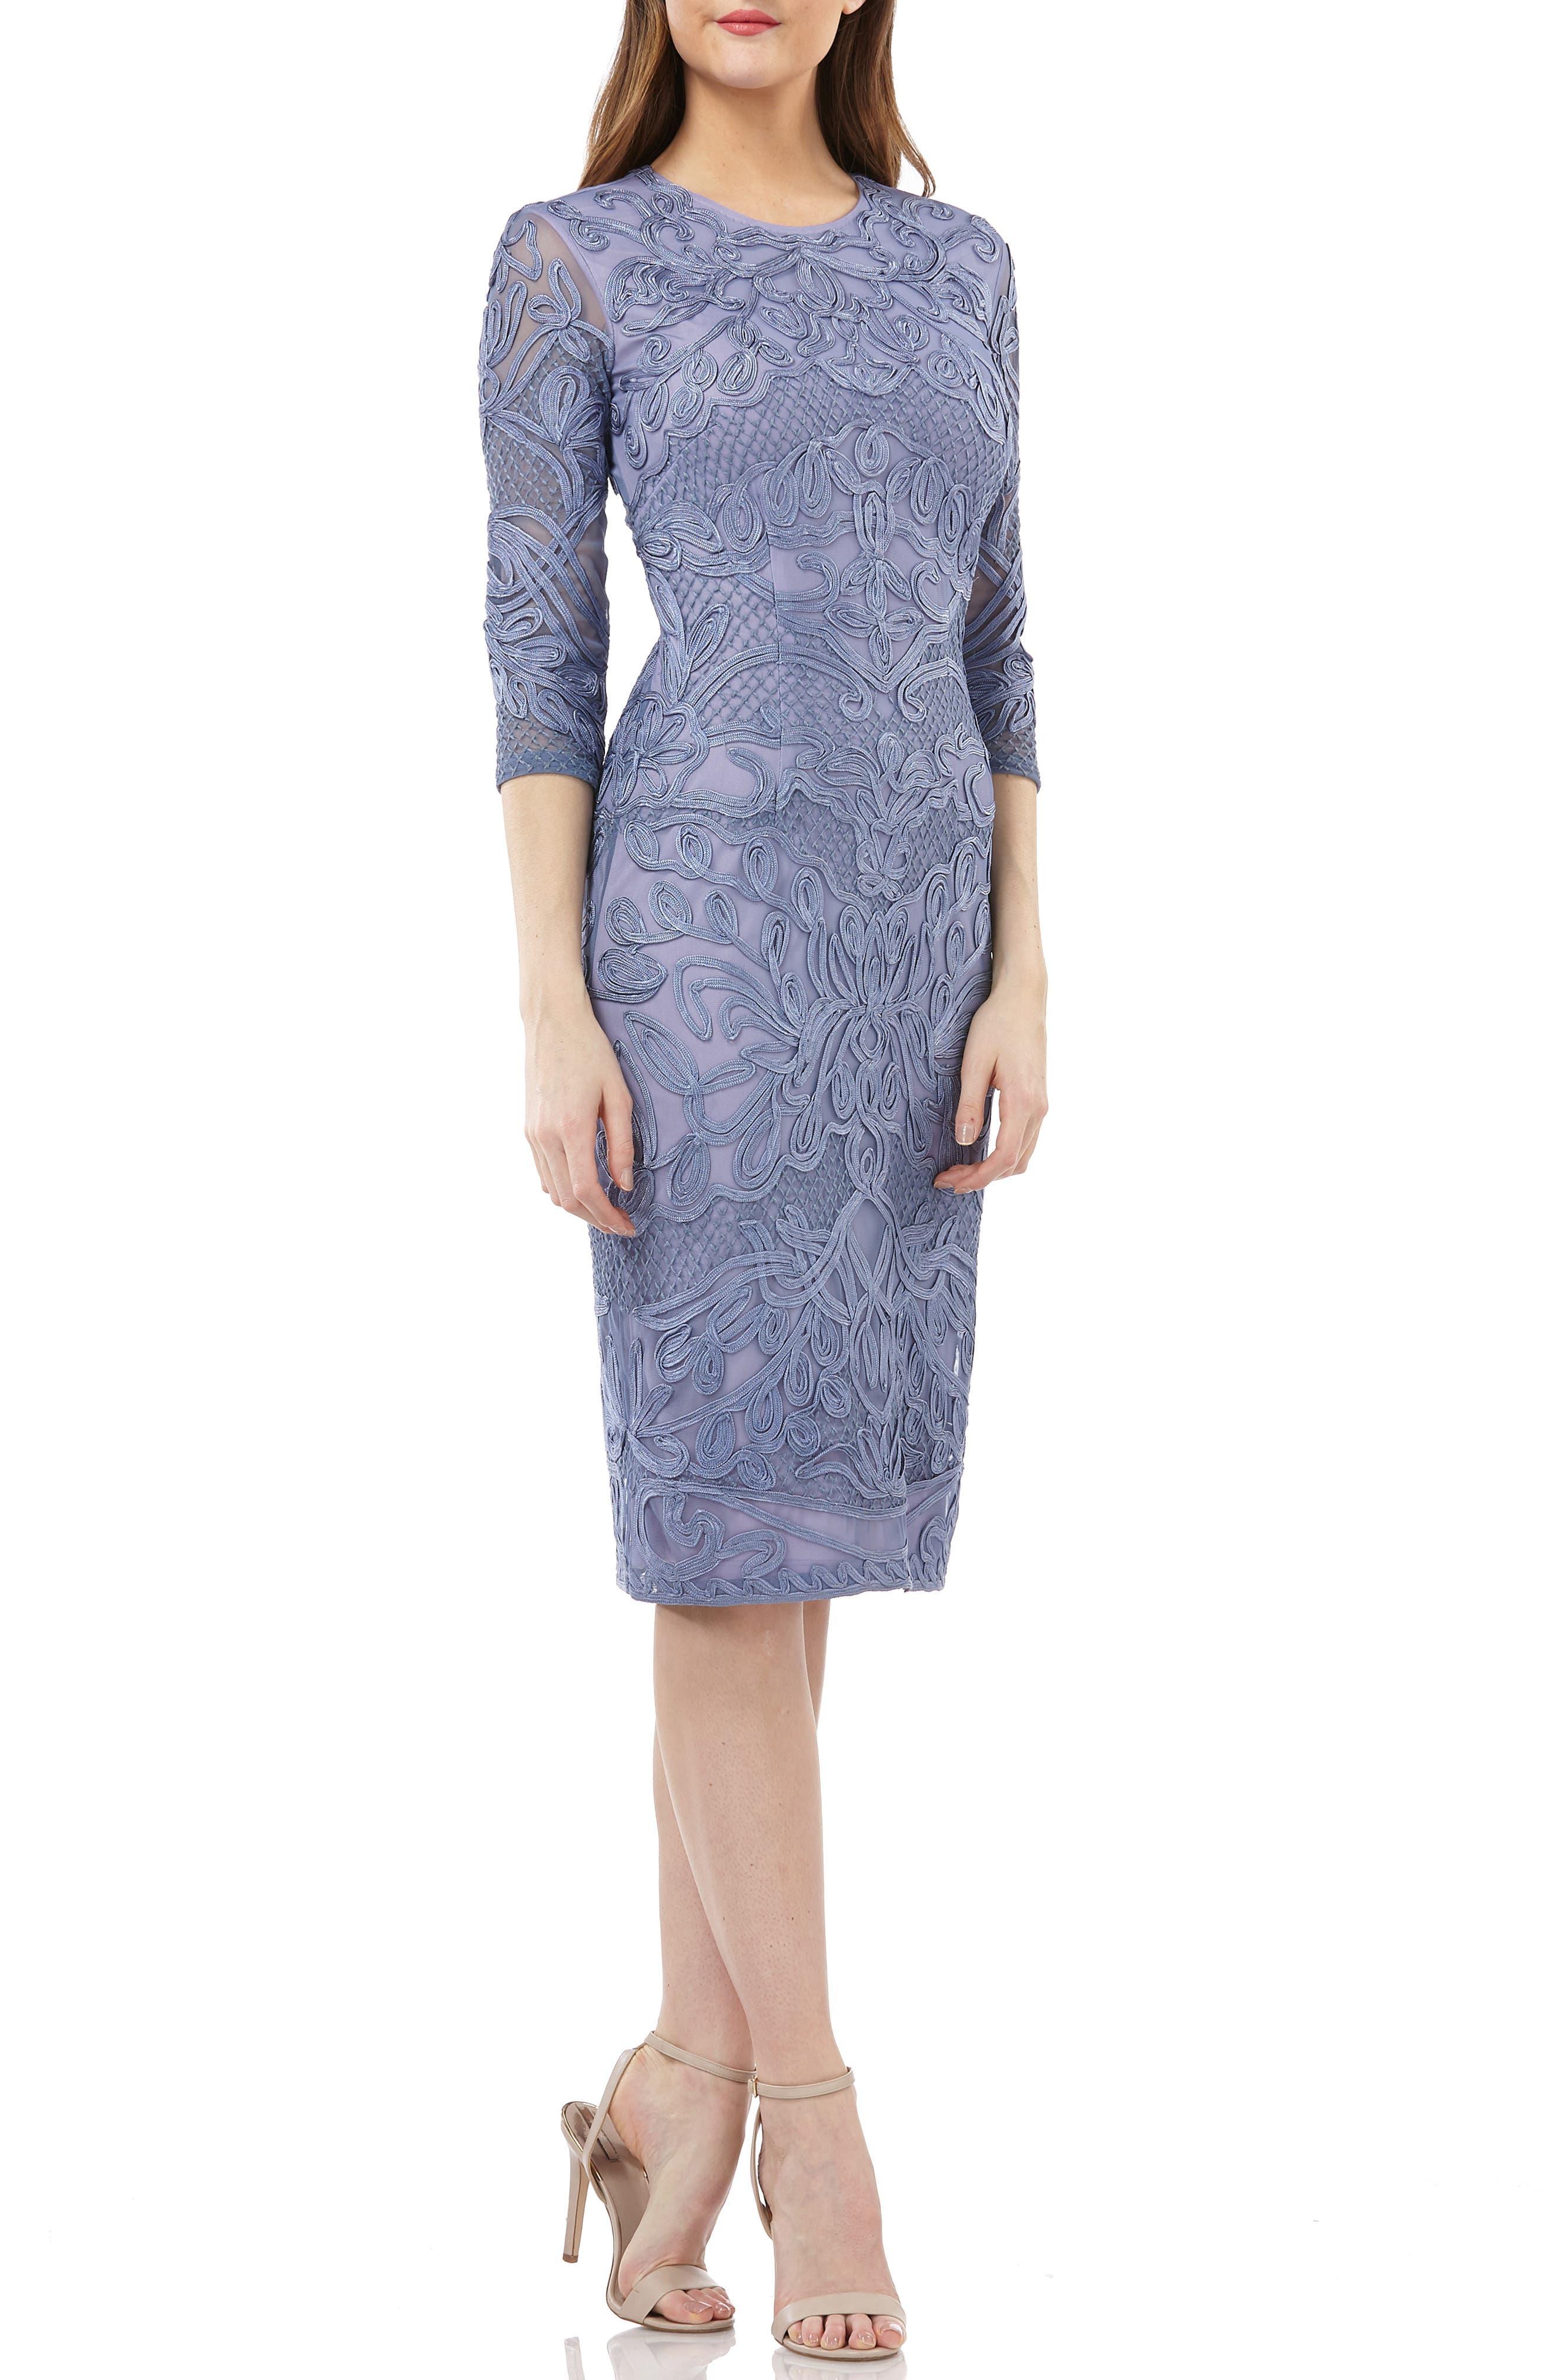 Js Collections Soutache Sheath Dress, Blue